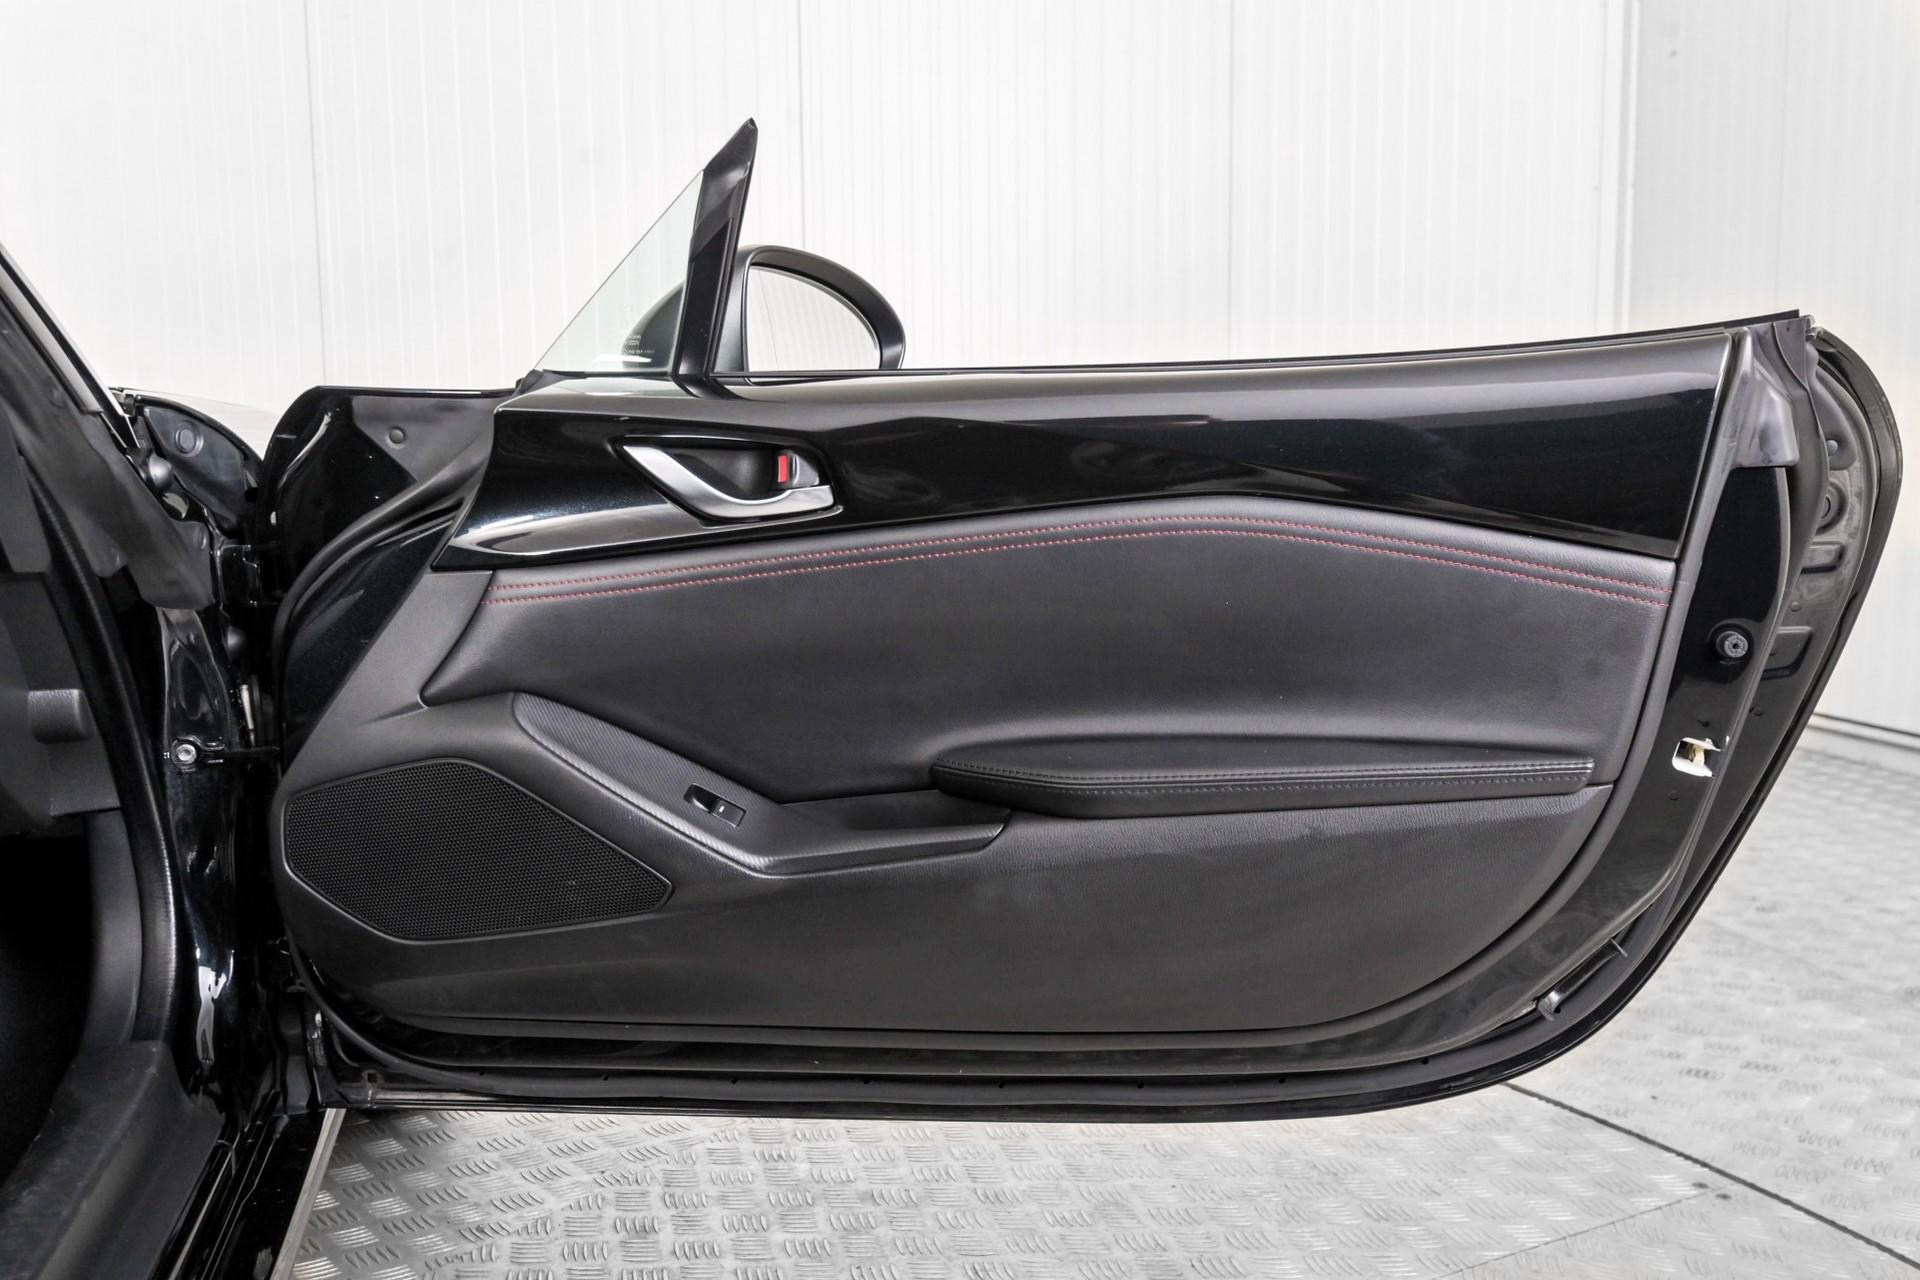 Mazda MX-5 1.5 SkyActiv-G 131 S Foto 16